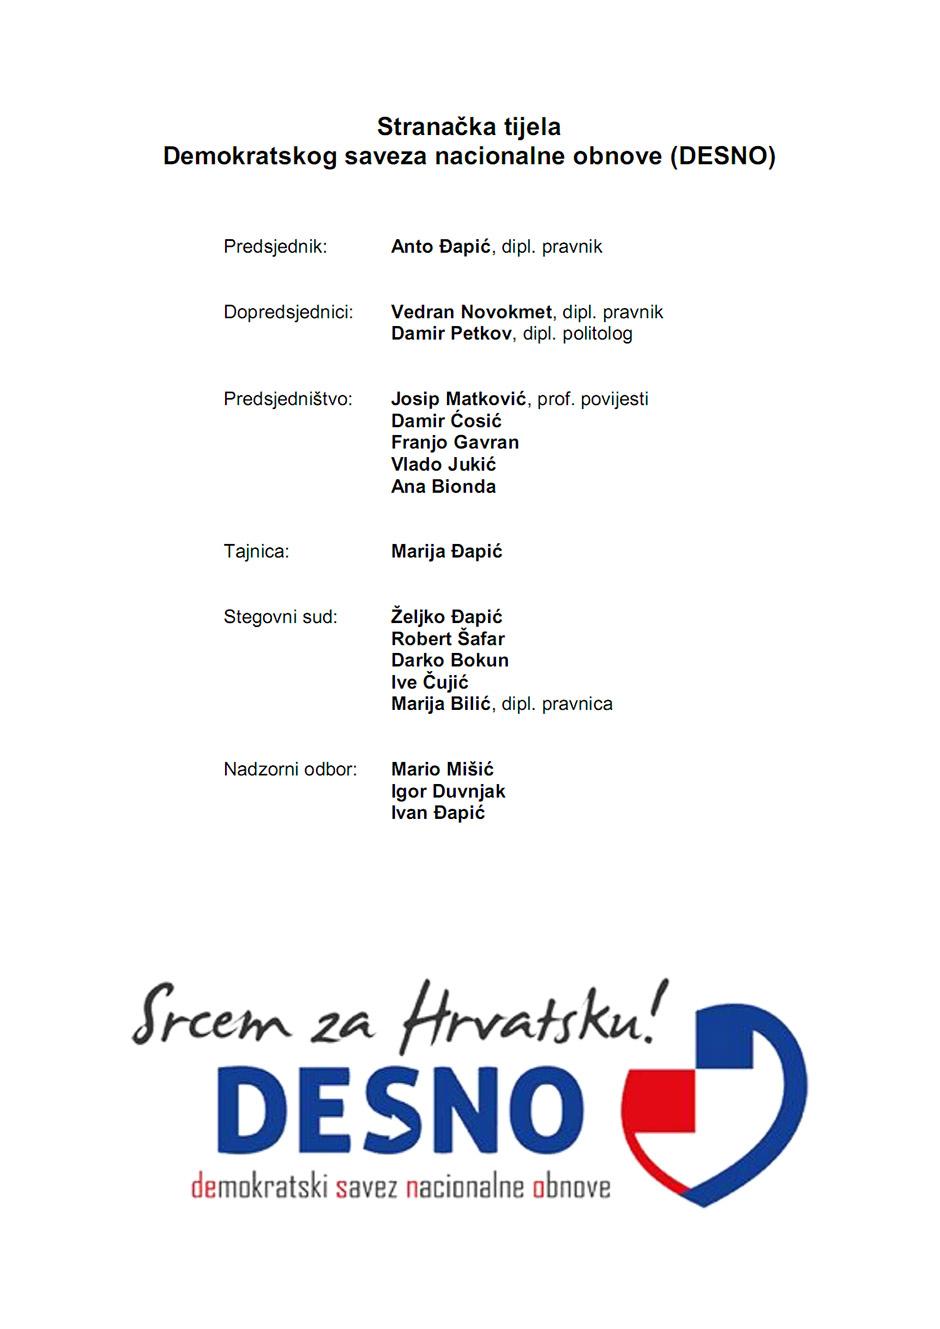 DESNO_Stranačka-tijela